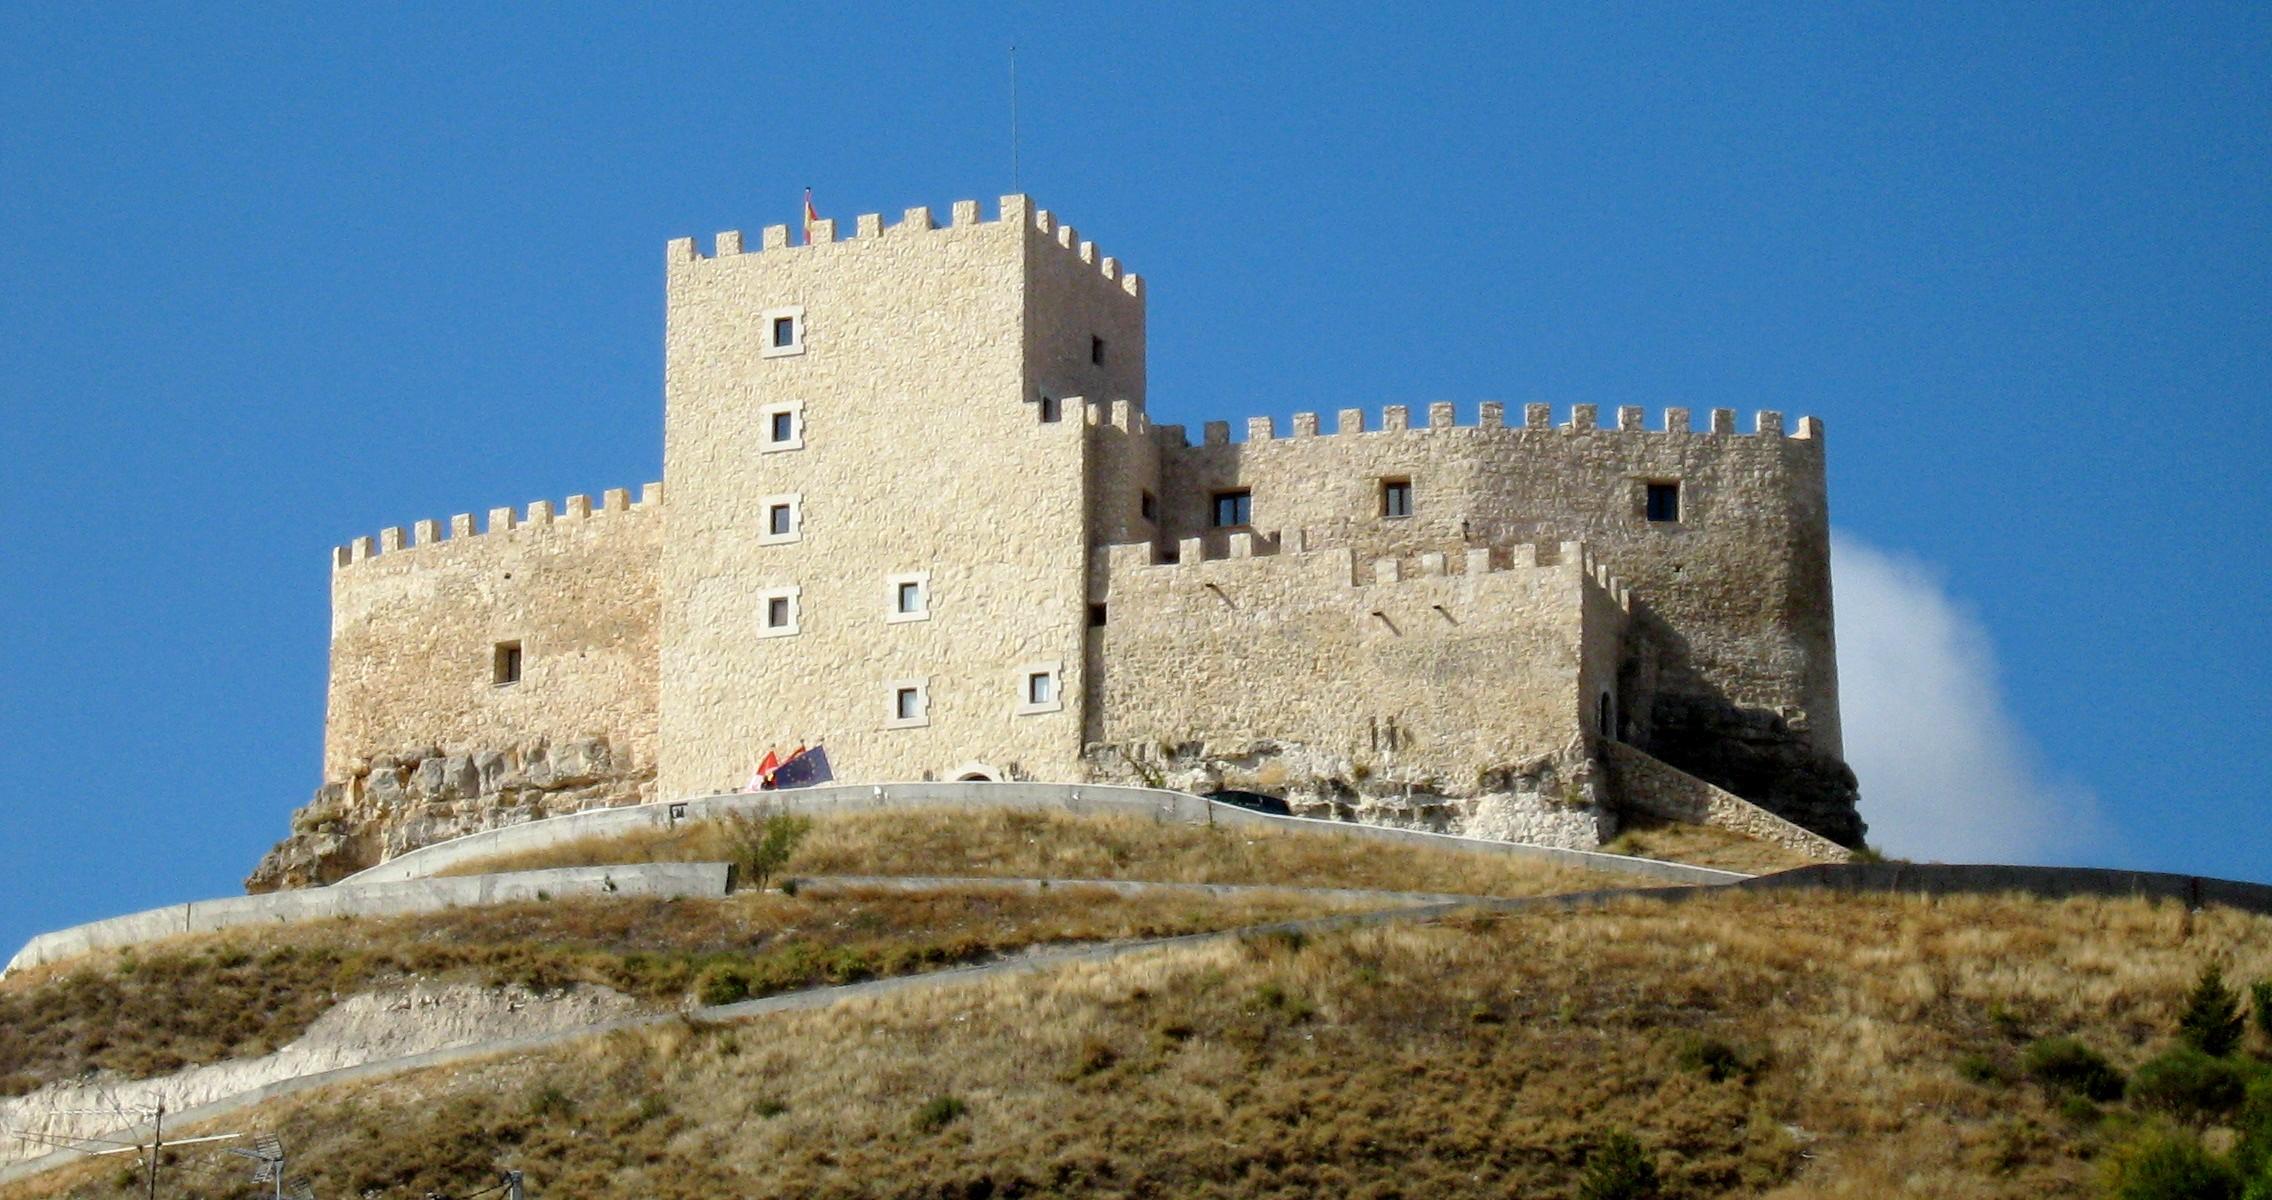 Castillo De Curiel De Duero Wikipedia La Enciclopedia Libre